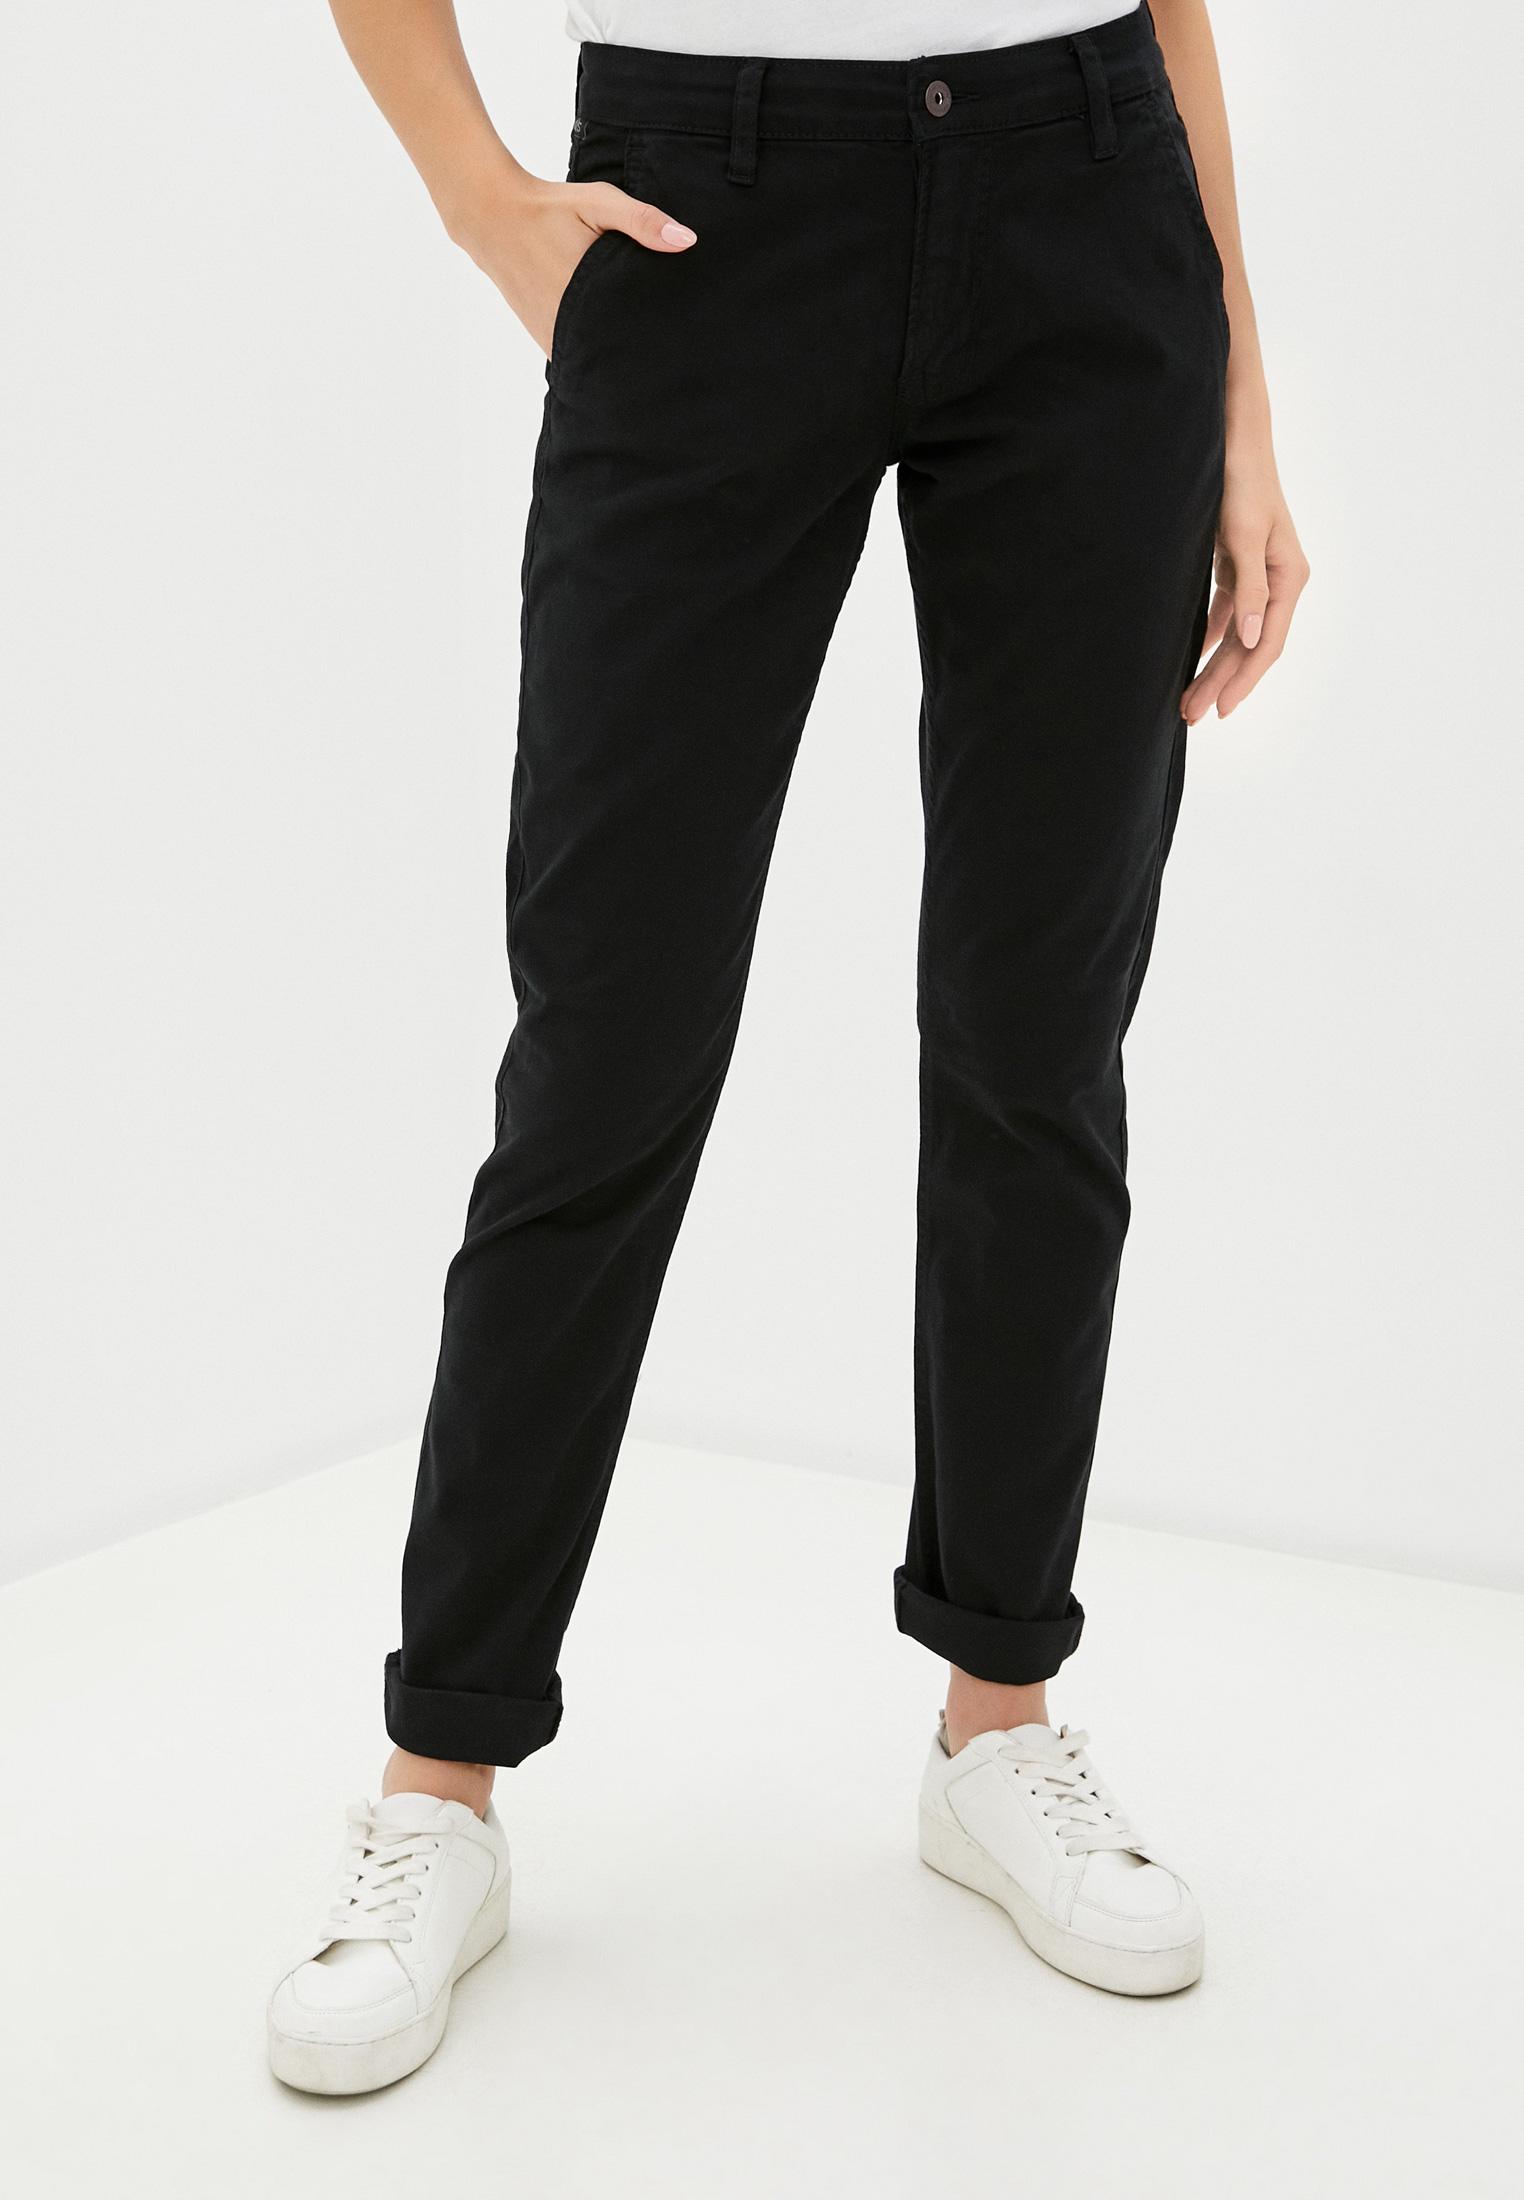 Прямые джинсы Q/S designed by 520.11.899.18.180.2041754: изображение 1